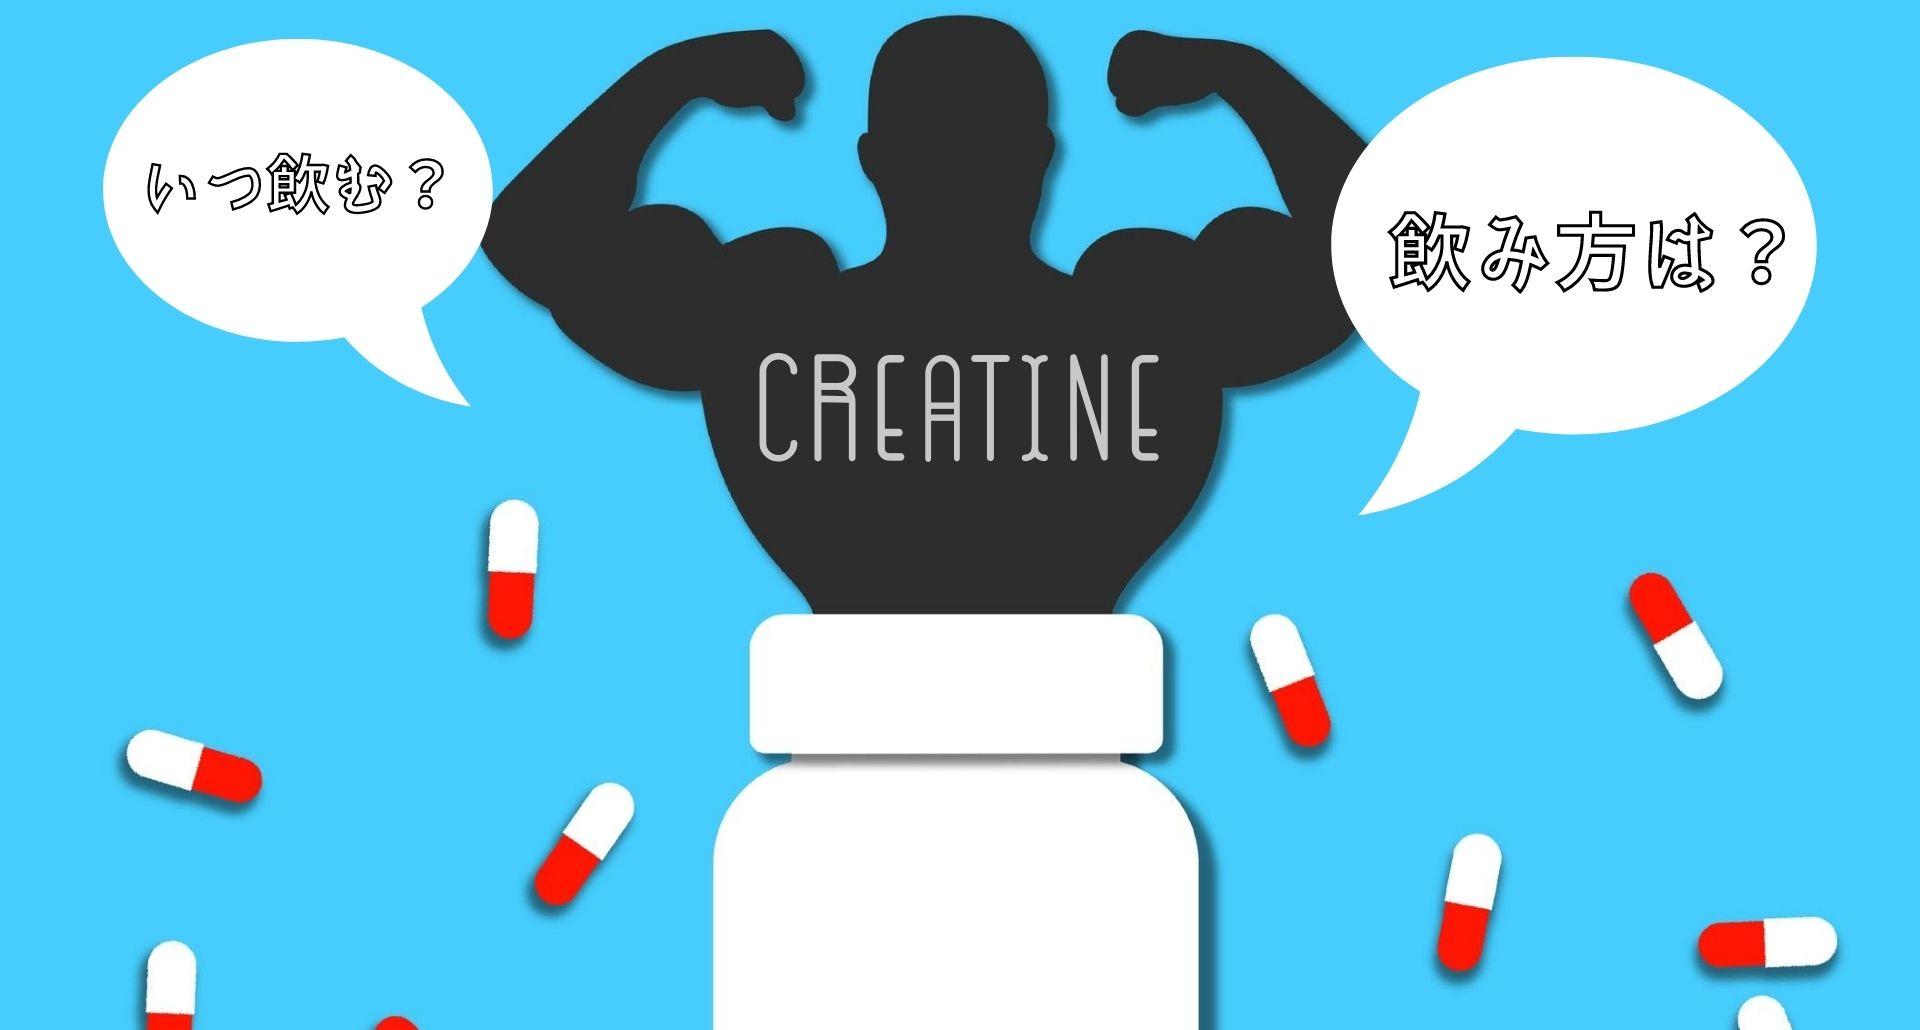 ハードな筋トレにおすすめの栄養素「クレアチン」の効果的な飲み方は?管理栄養士が解説